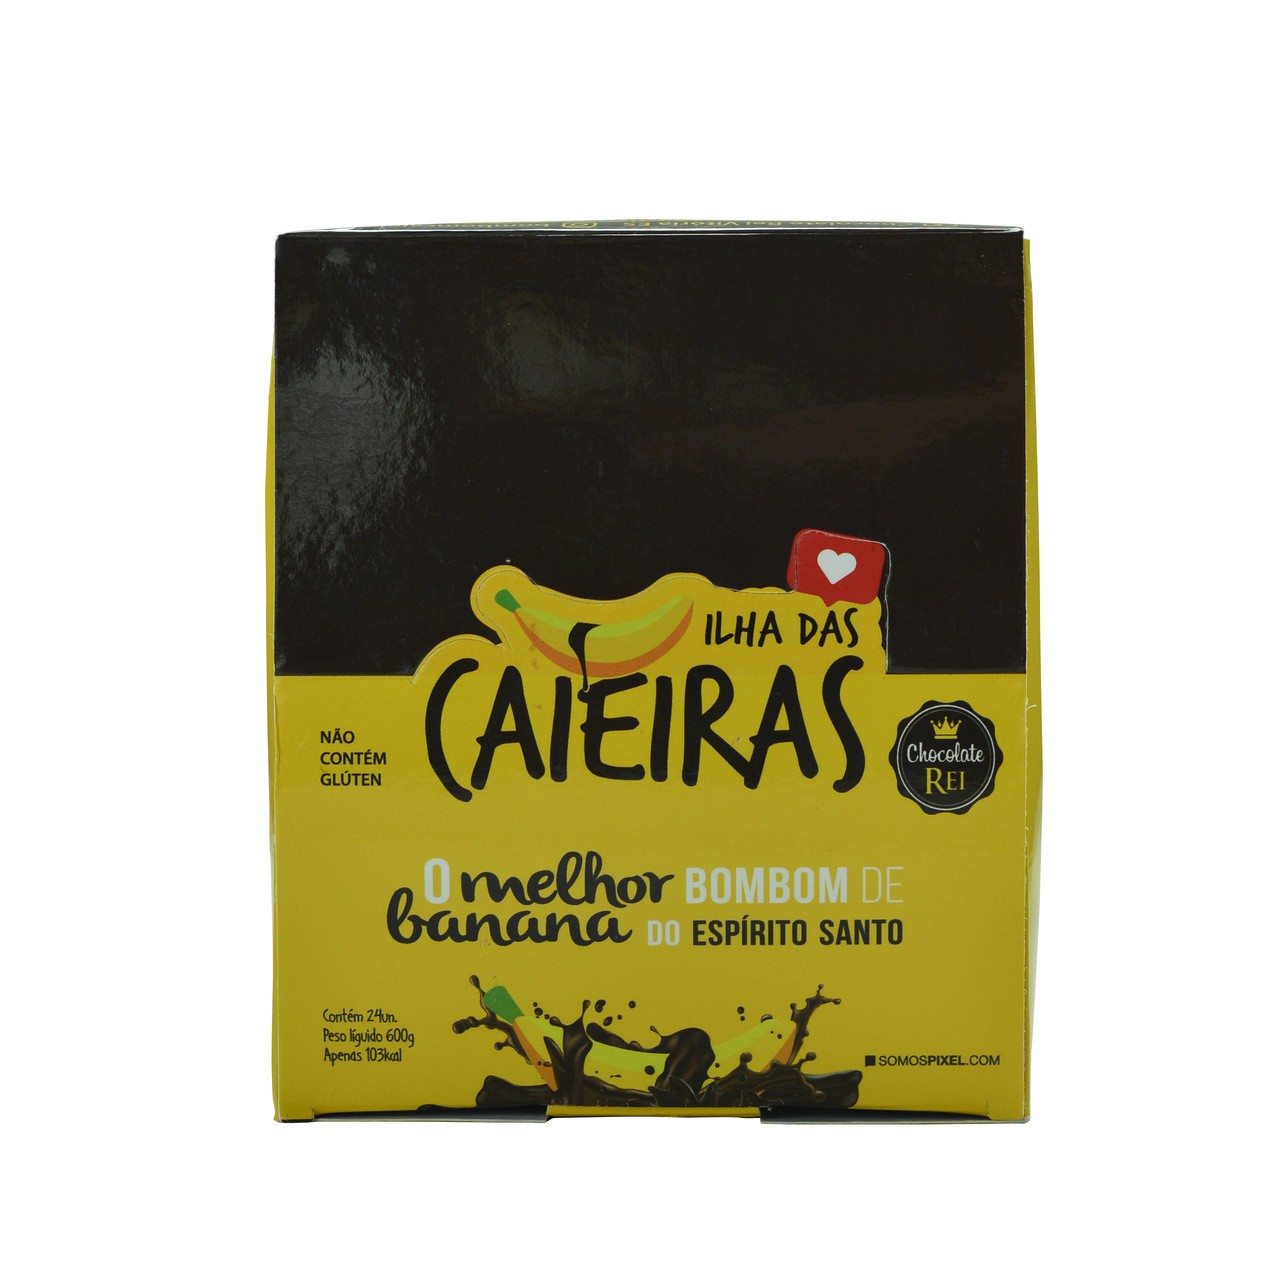 Bombom de Banana com chocolate Caieiras - Caixa